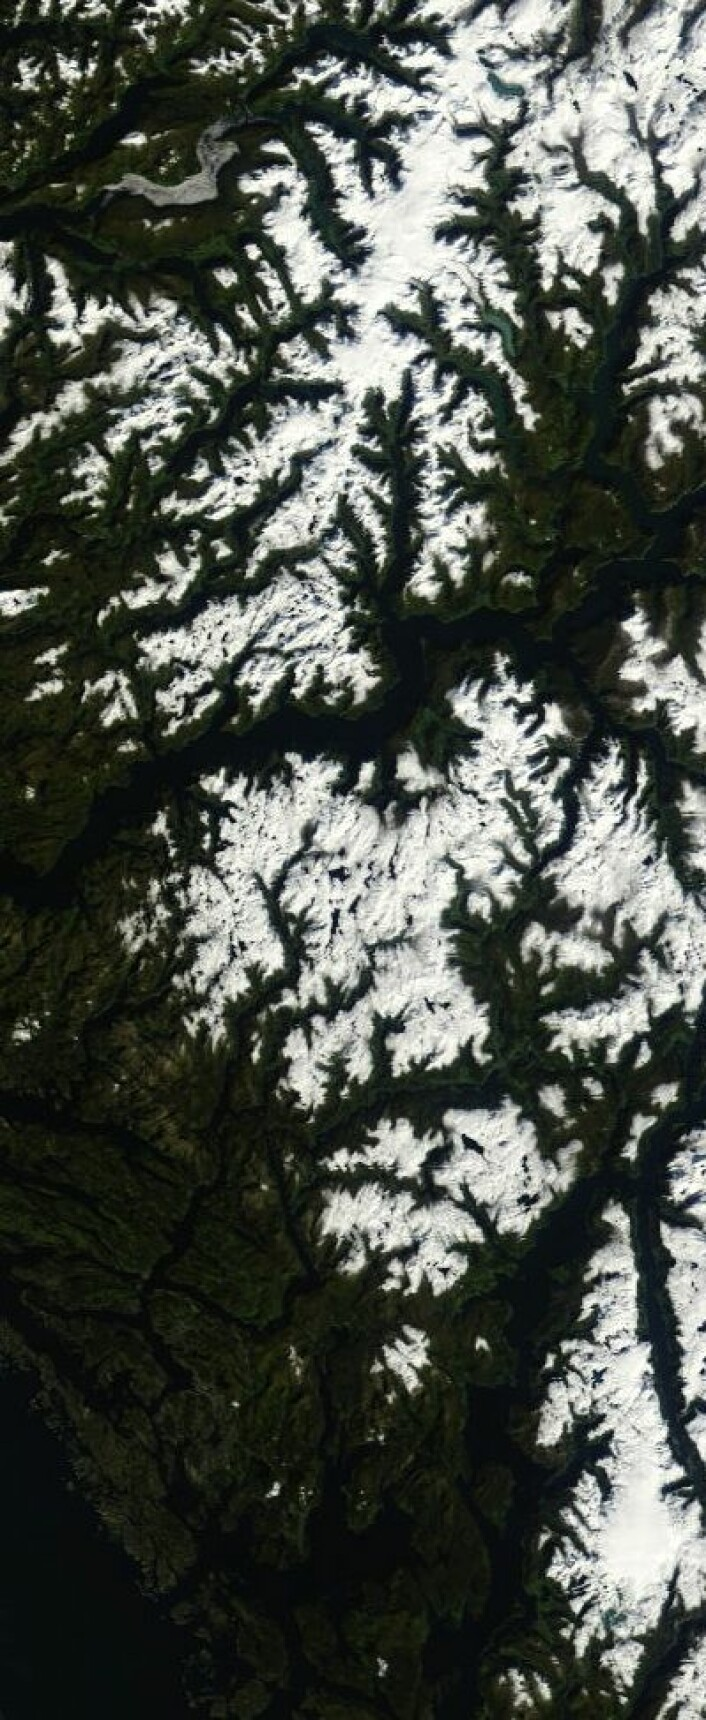 Kalenderen viser 22. september, og mye snø har allerede lagt seg i fjellet på Vestlandet i følge dette satellittbildet. (Foto: (NASA Terra MODIS).)